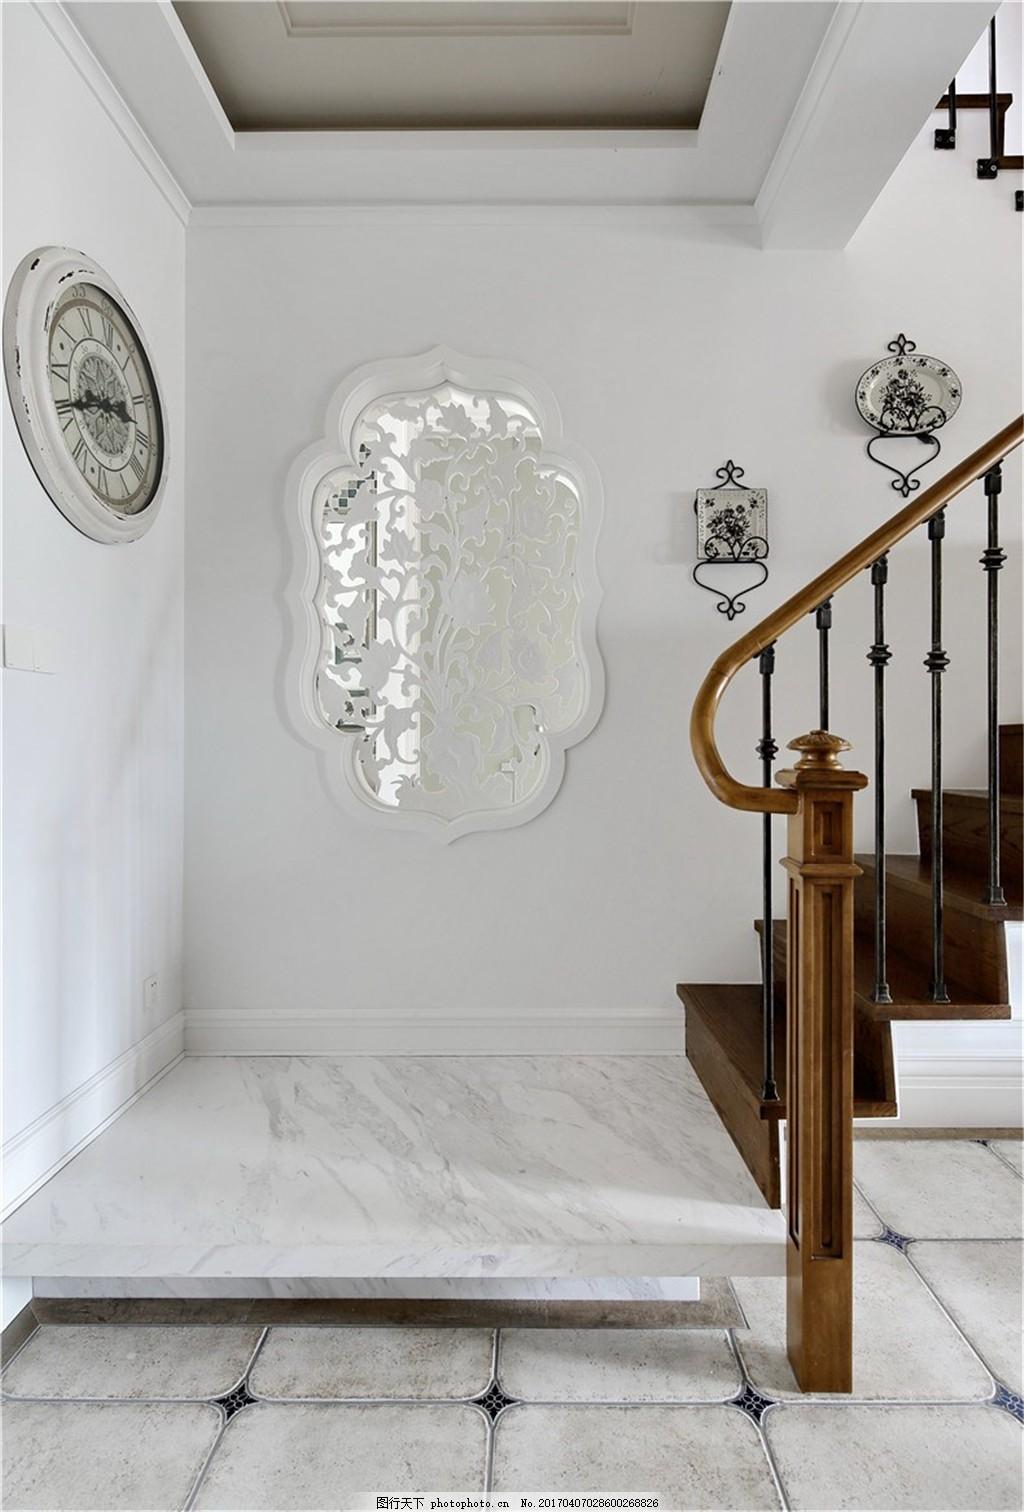 室內裝修 裝修實景圖 家裝設計圖片下載 jpg 現代裝修 別墅 樓梯口